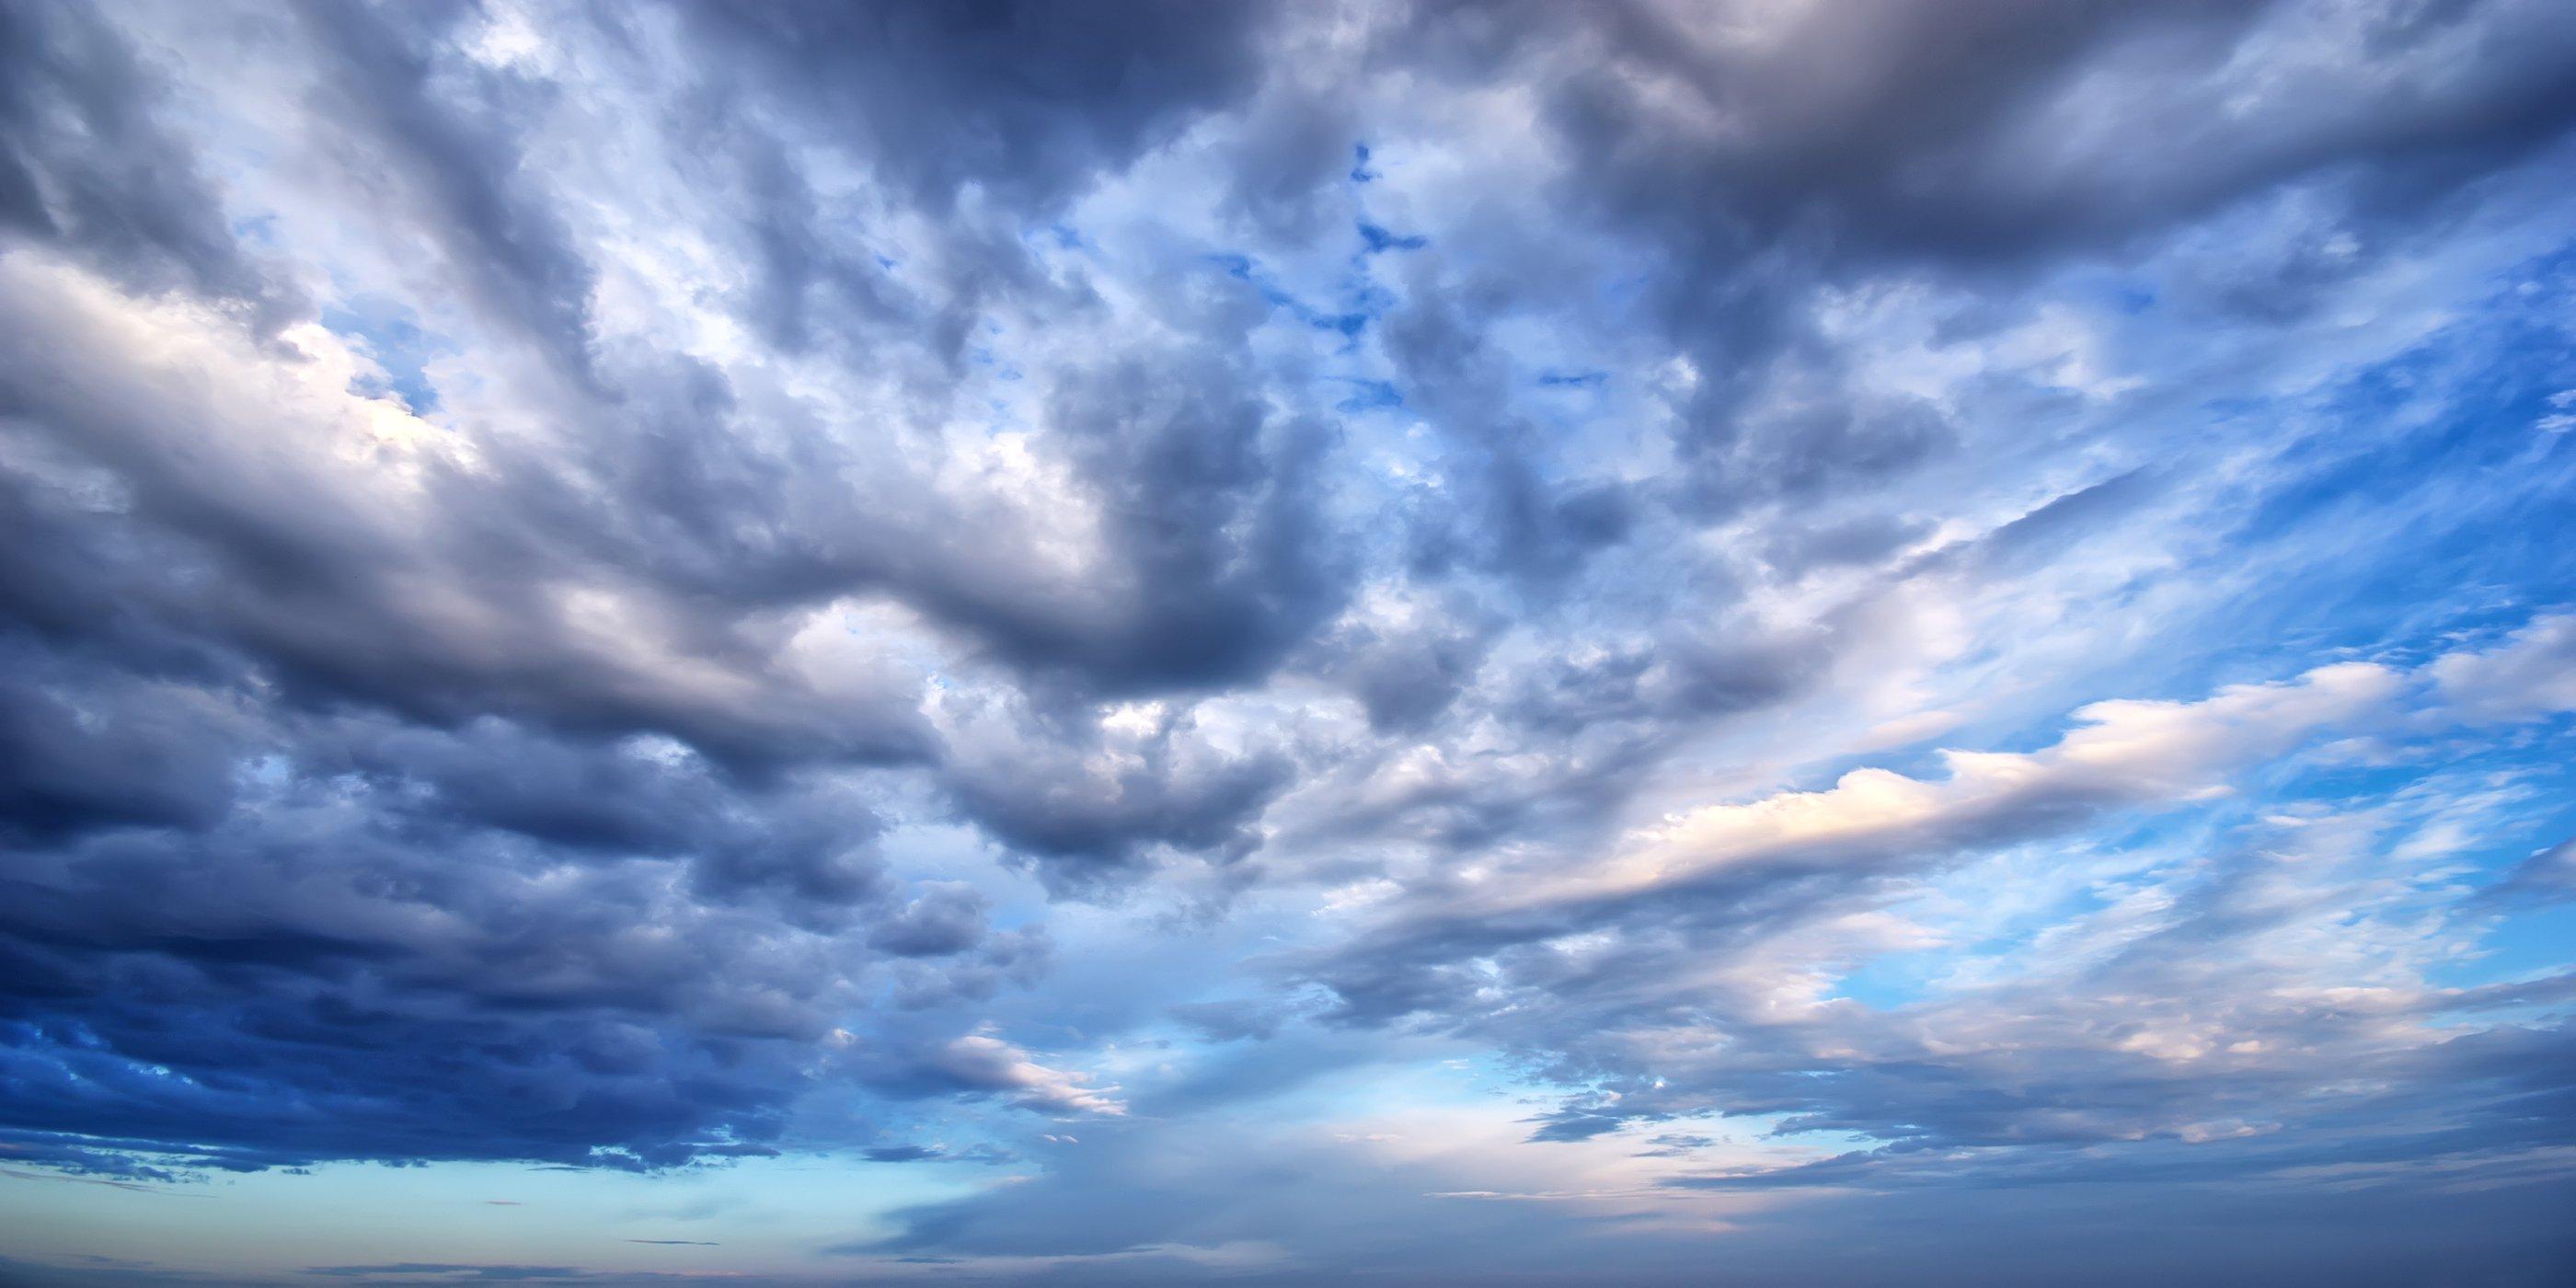 Hình ảnh rặng mây khi trời sắp bão